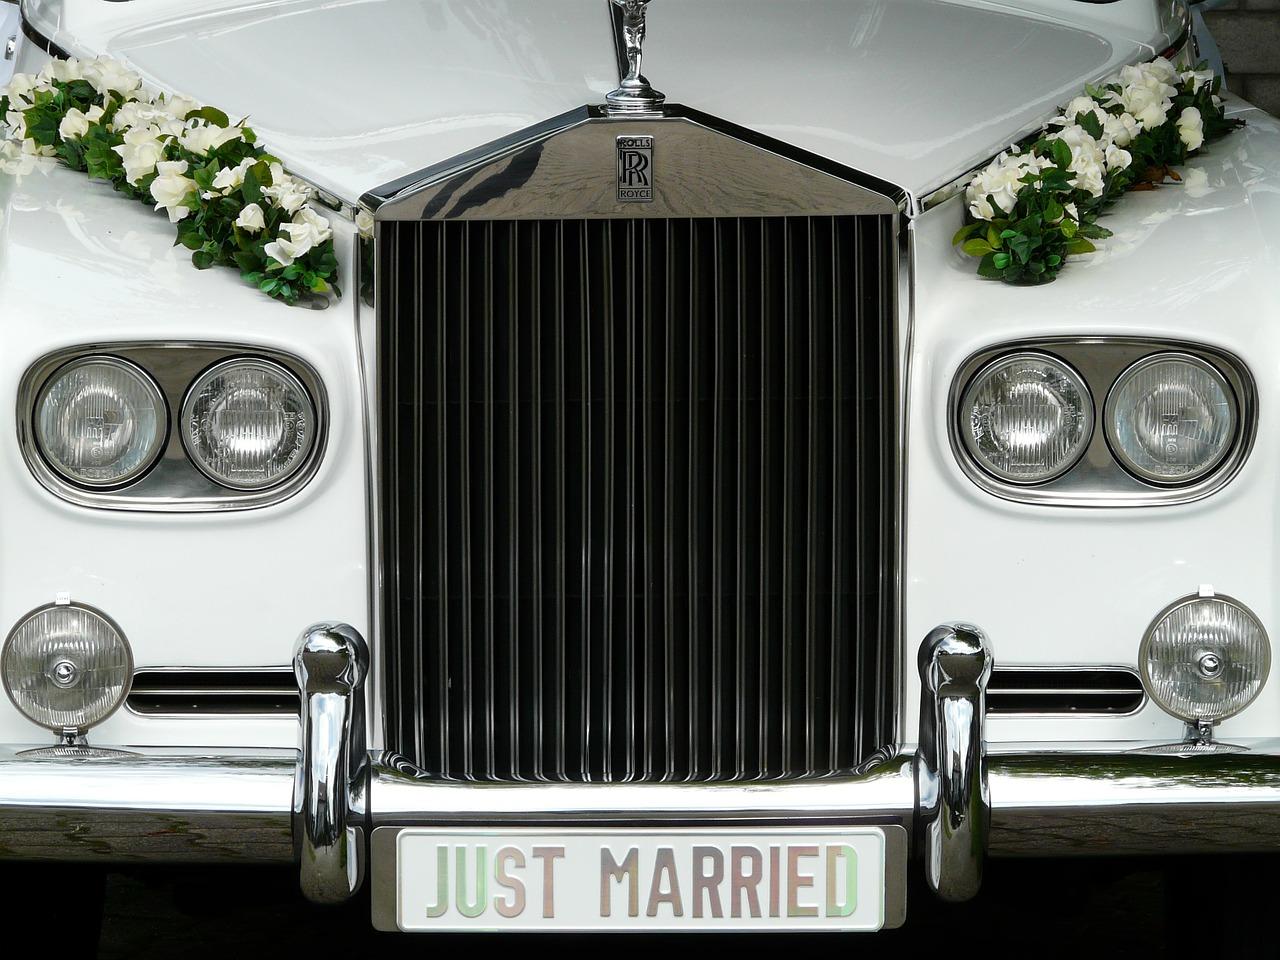 A czym do ślubu?  Klasycznie, nowocześnie, a może w rustykalnym klimacie?